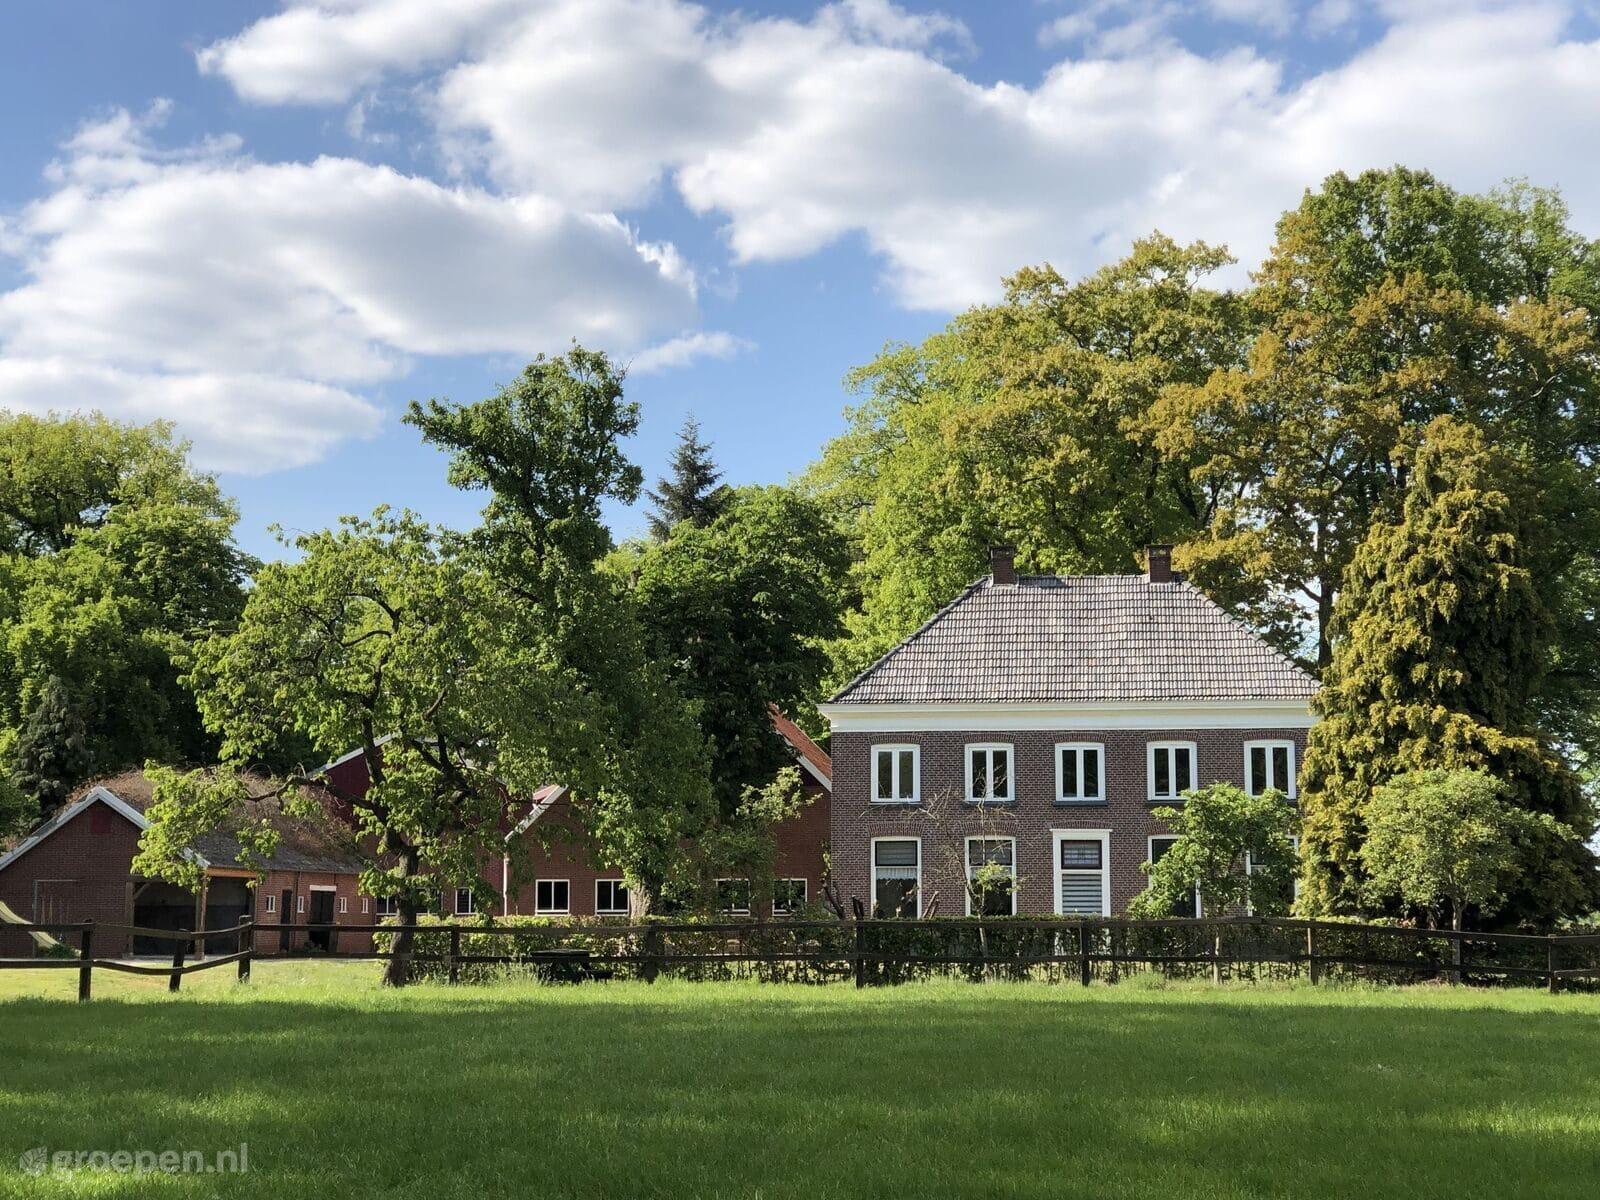 Vakantieboerderij Winterswijk - 18 personen - Nederland - Gelderland - Winterswijk